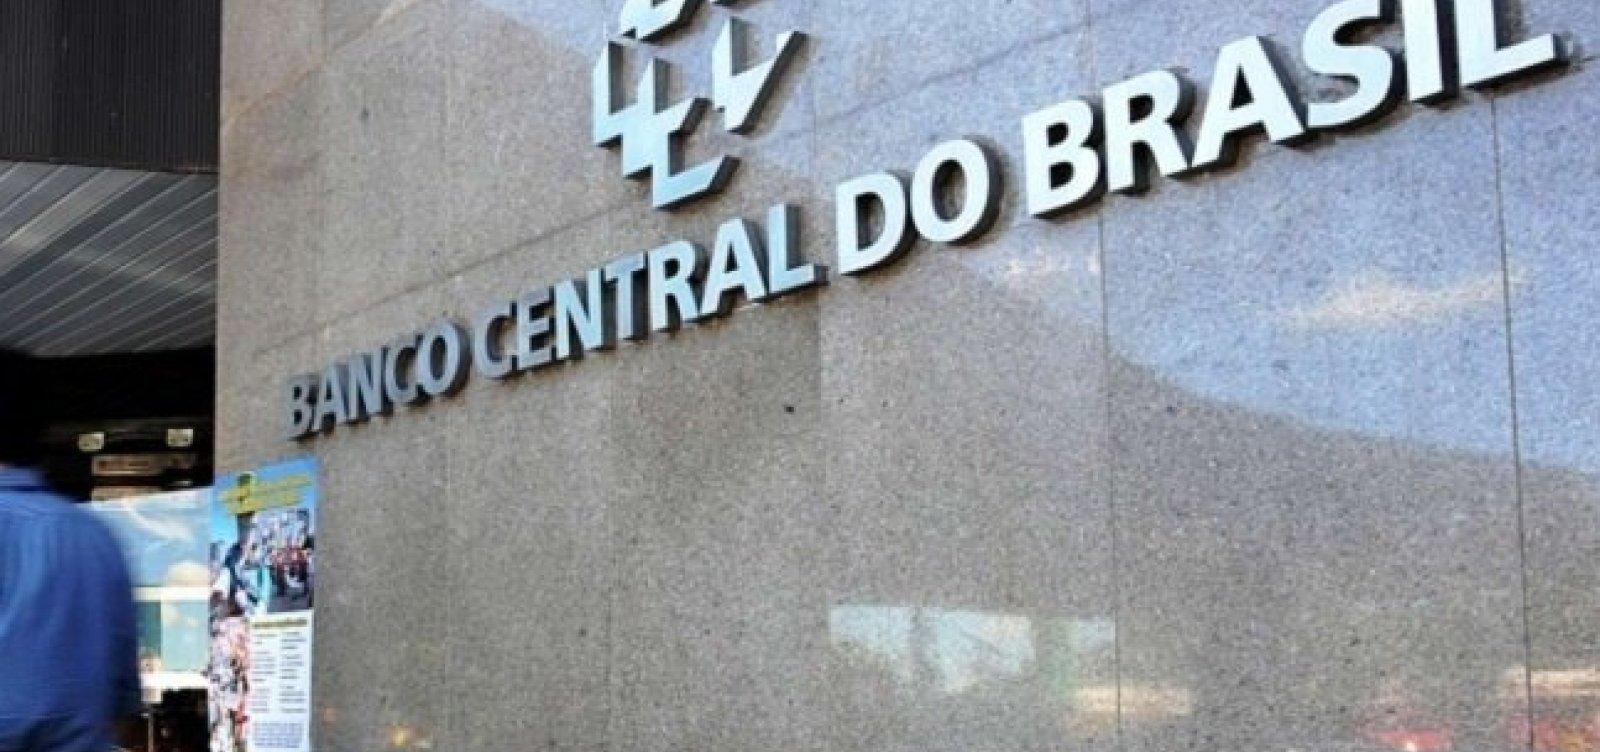 Banco Central eleva Selic em 1 ponto percentual, para 6,25%; é a quinta alta seguida dos juros